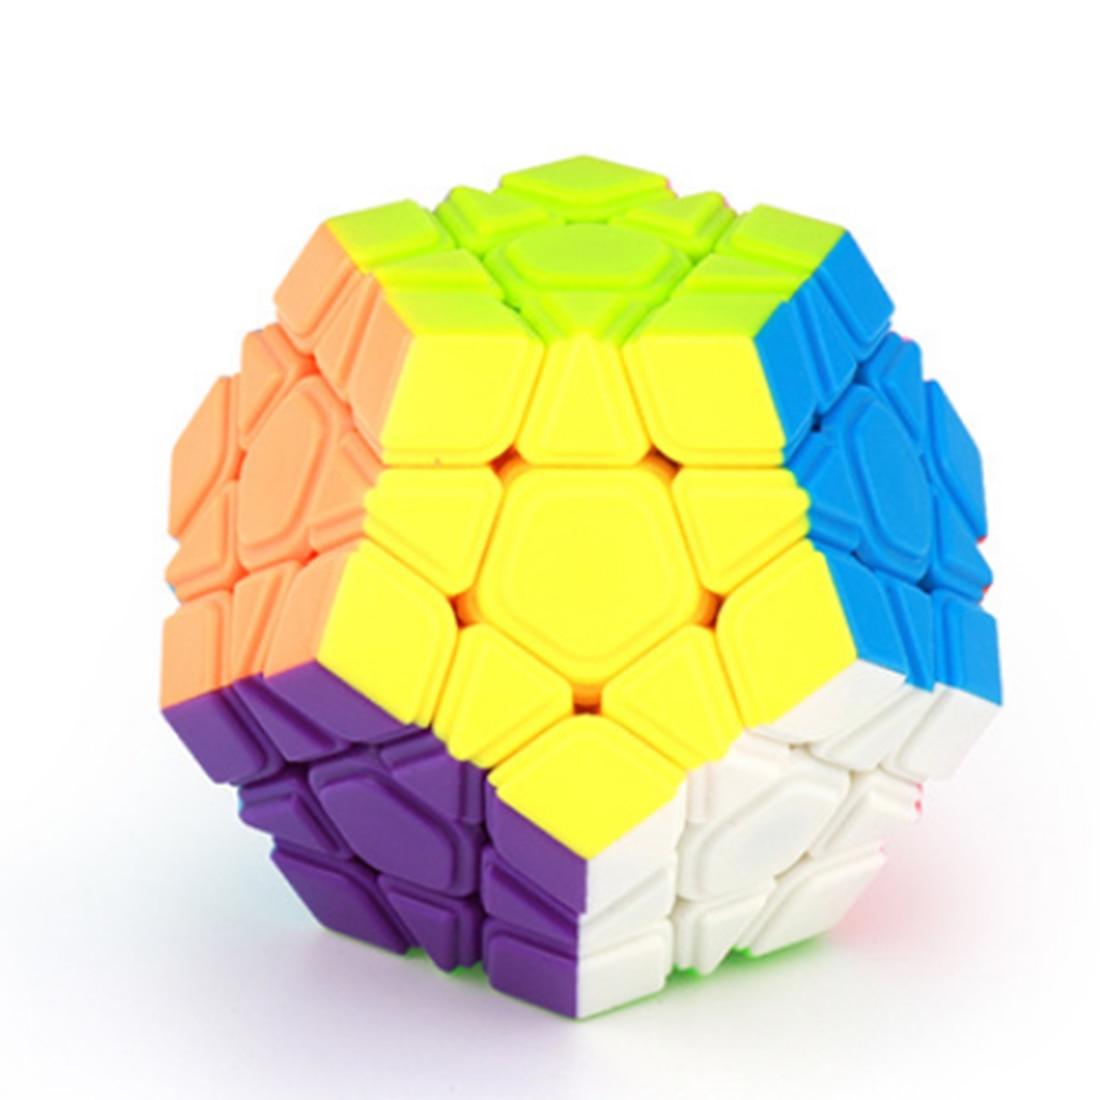 Cubage Classe Megaminx Magic Cube Vitesse Cube Twisty Puzzle Jouet pour Les Débutants-Coloré